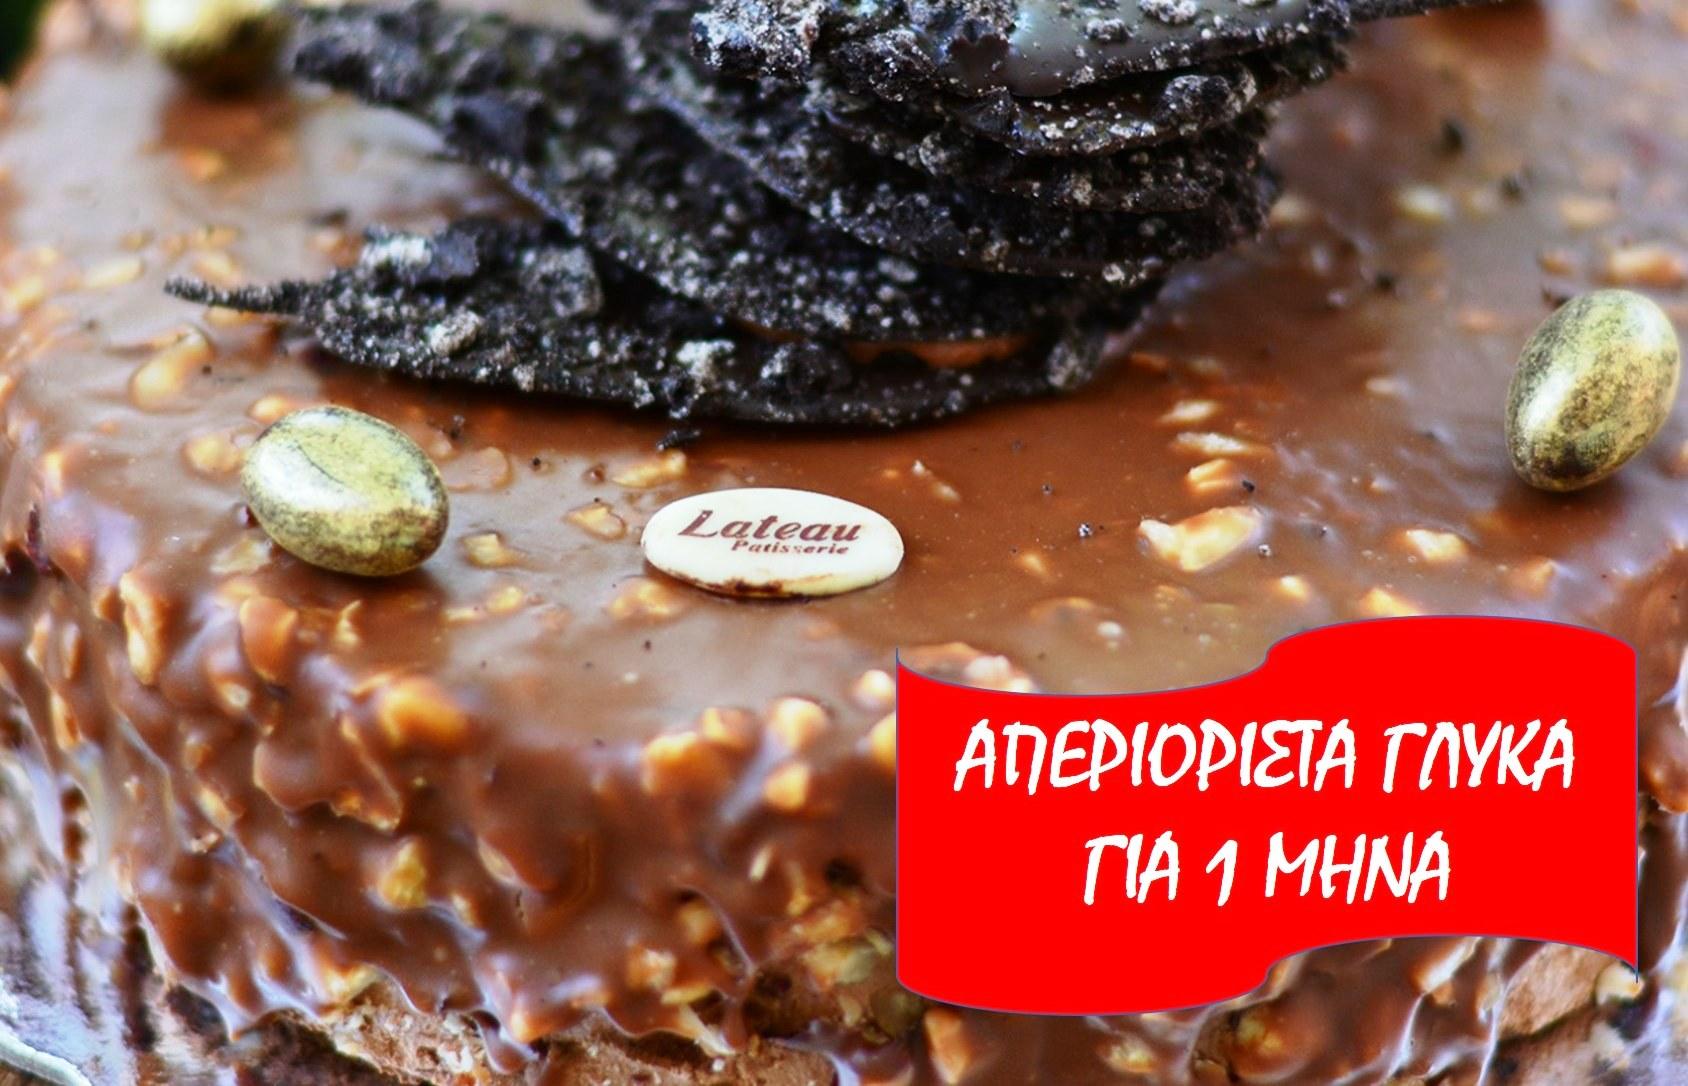 149€ από 600€ για Απεριόριστα Γλυκά για 1 Mήνα, Χωρίς Περιορισμούς, ΑΚΟΜΑ ΚΑΙ ΚΑΘΕ ΜΕΡΑ, στο ''Lateau Patisserie'', δίπλα στο σταθμό Πανόρμου εικόνα